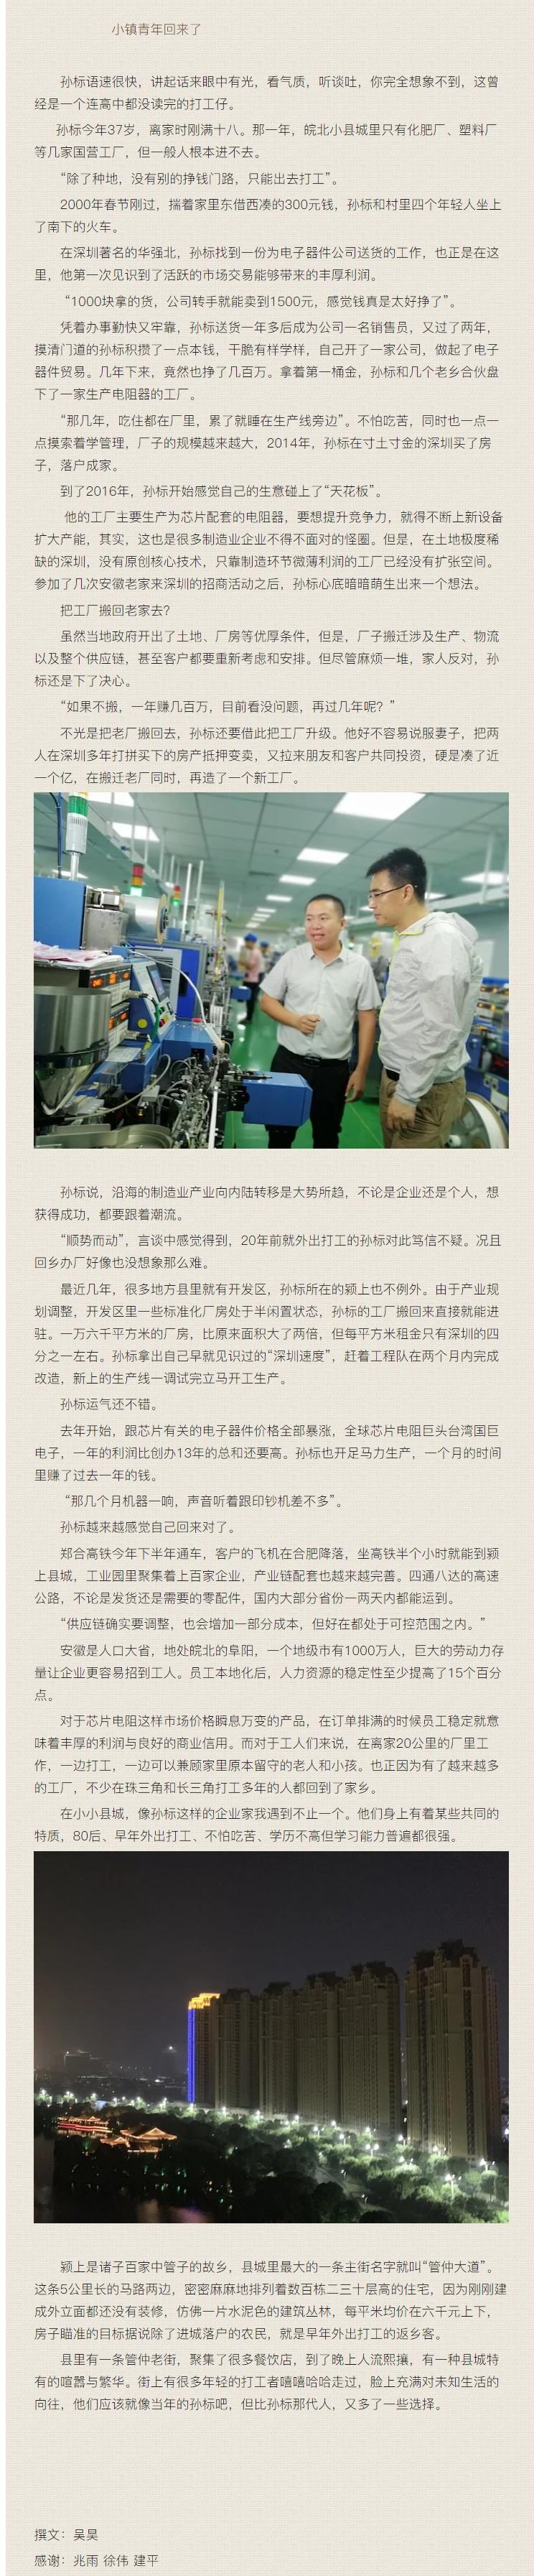 小鎮青年回來了 _ 吳昊原創的 Zine 專欄.png